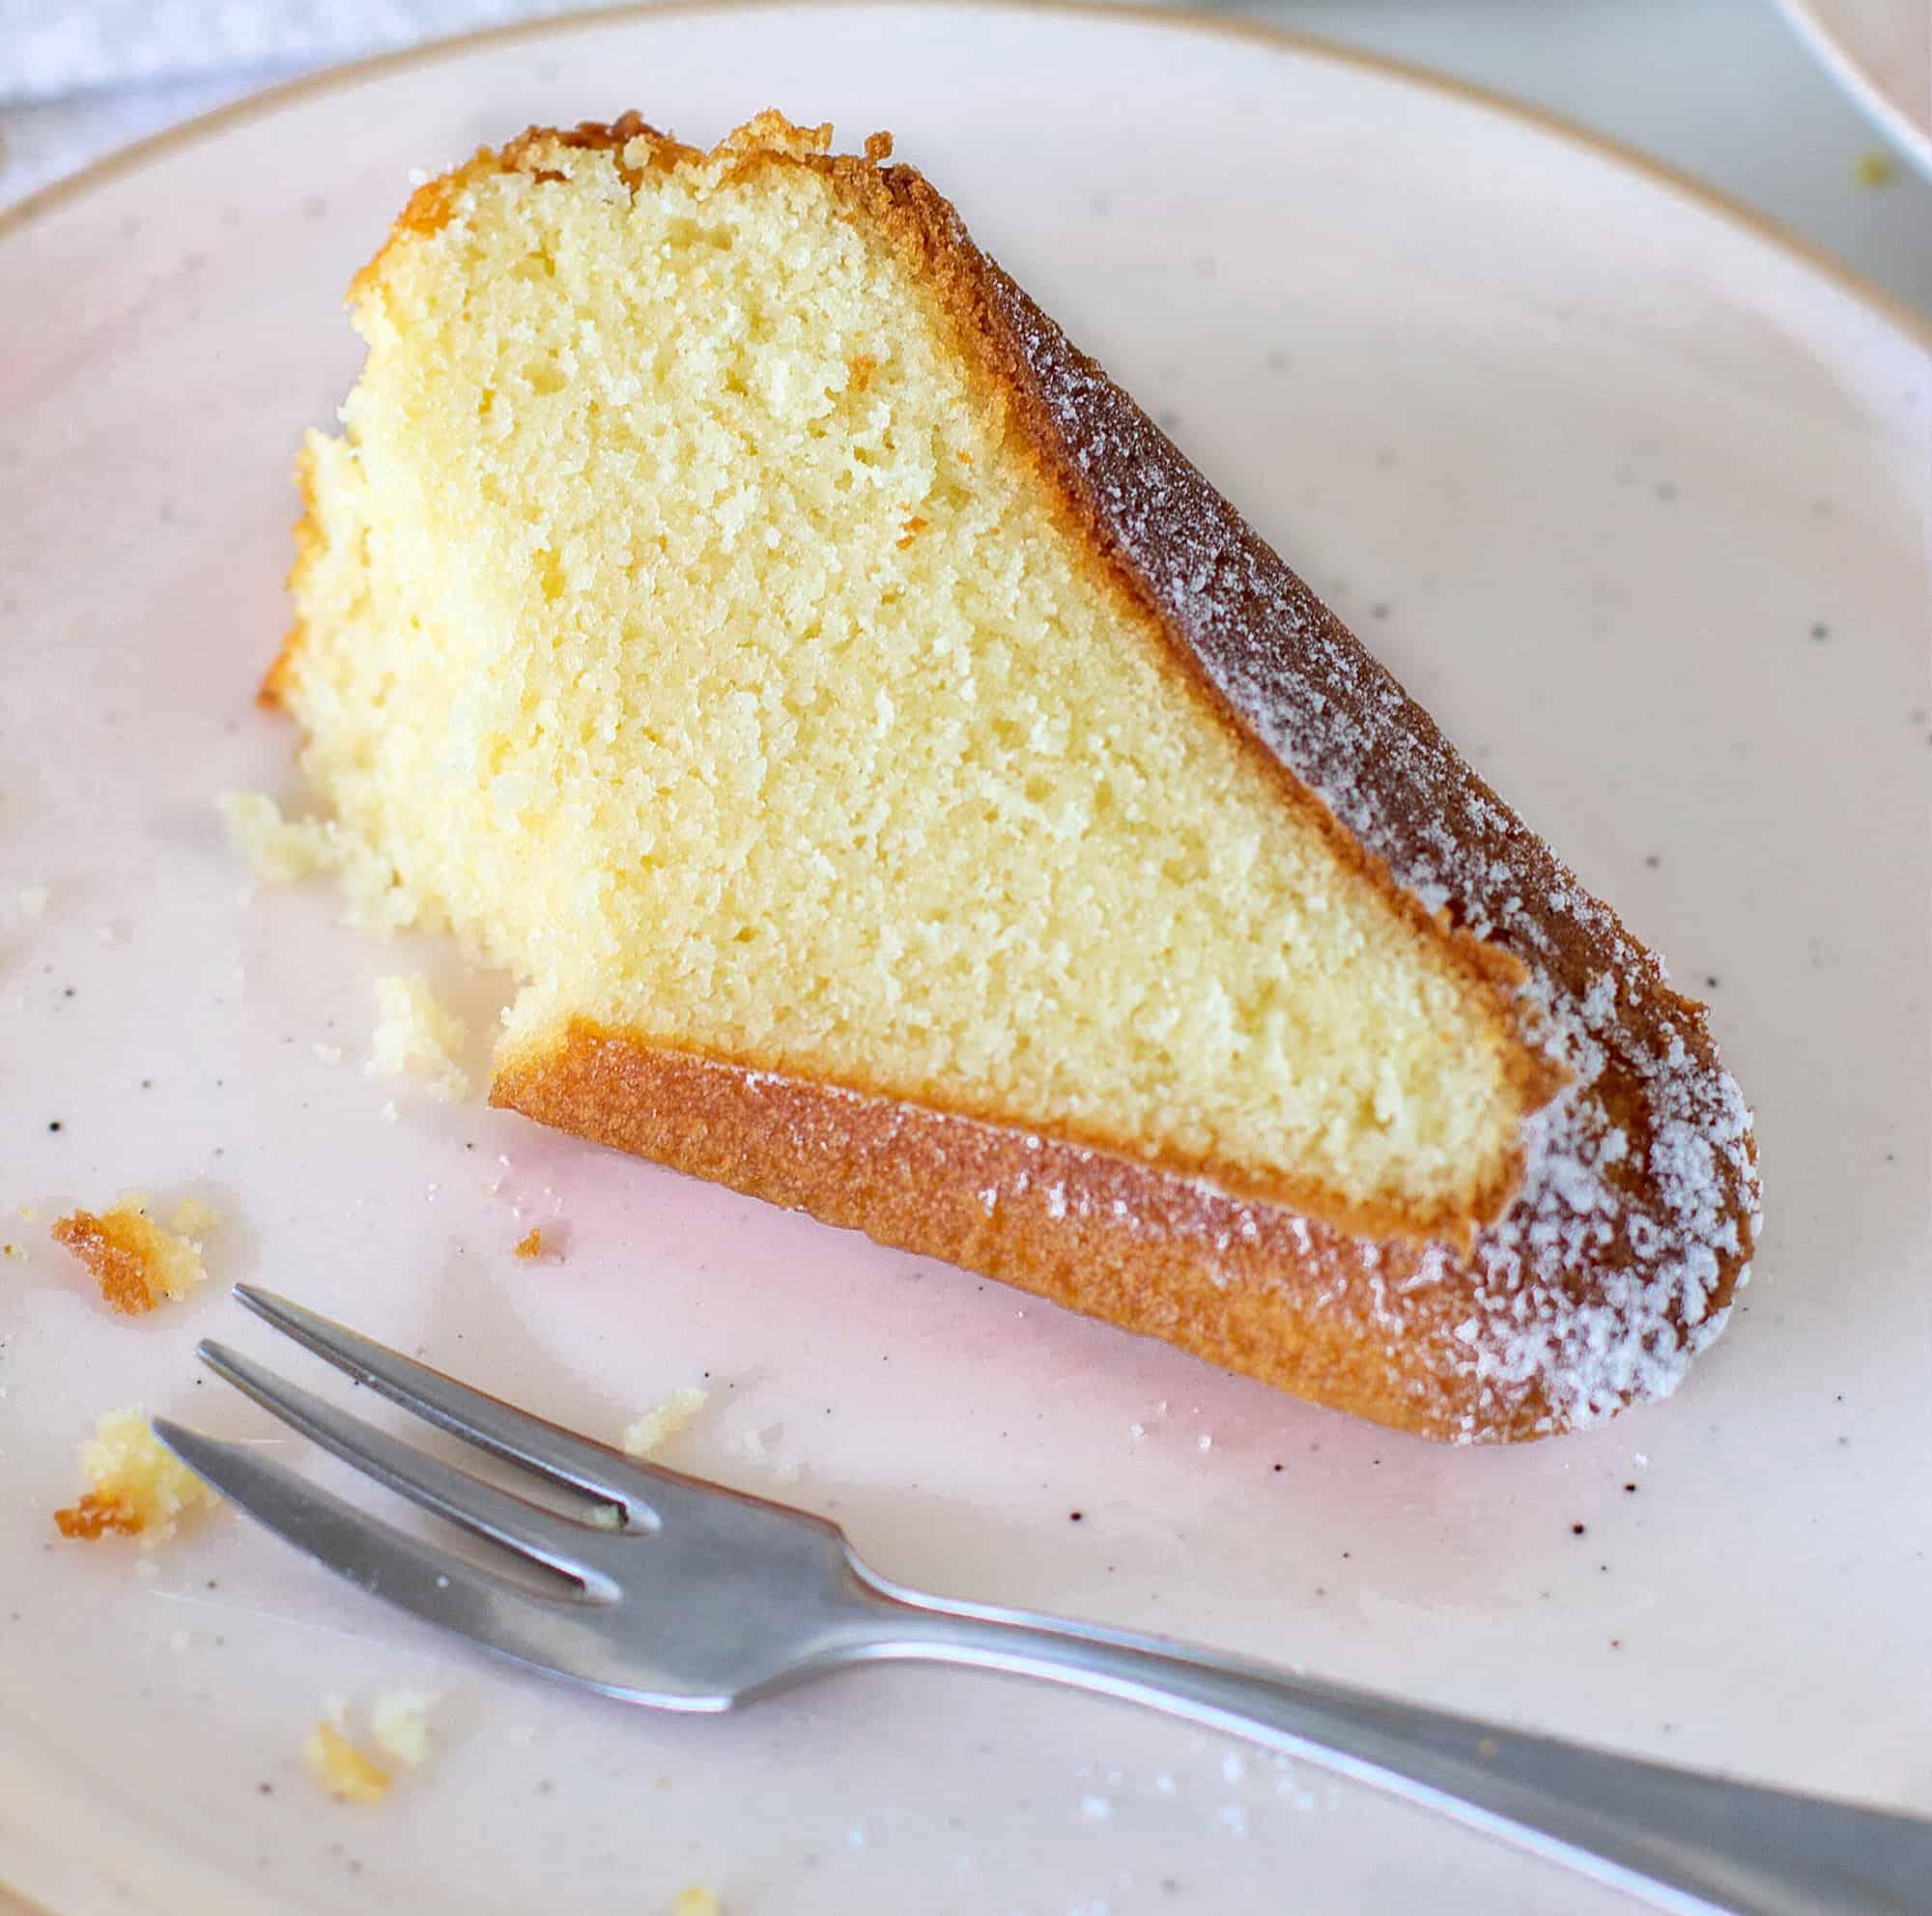 Slice of bundt cake on light pink plate with fork